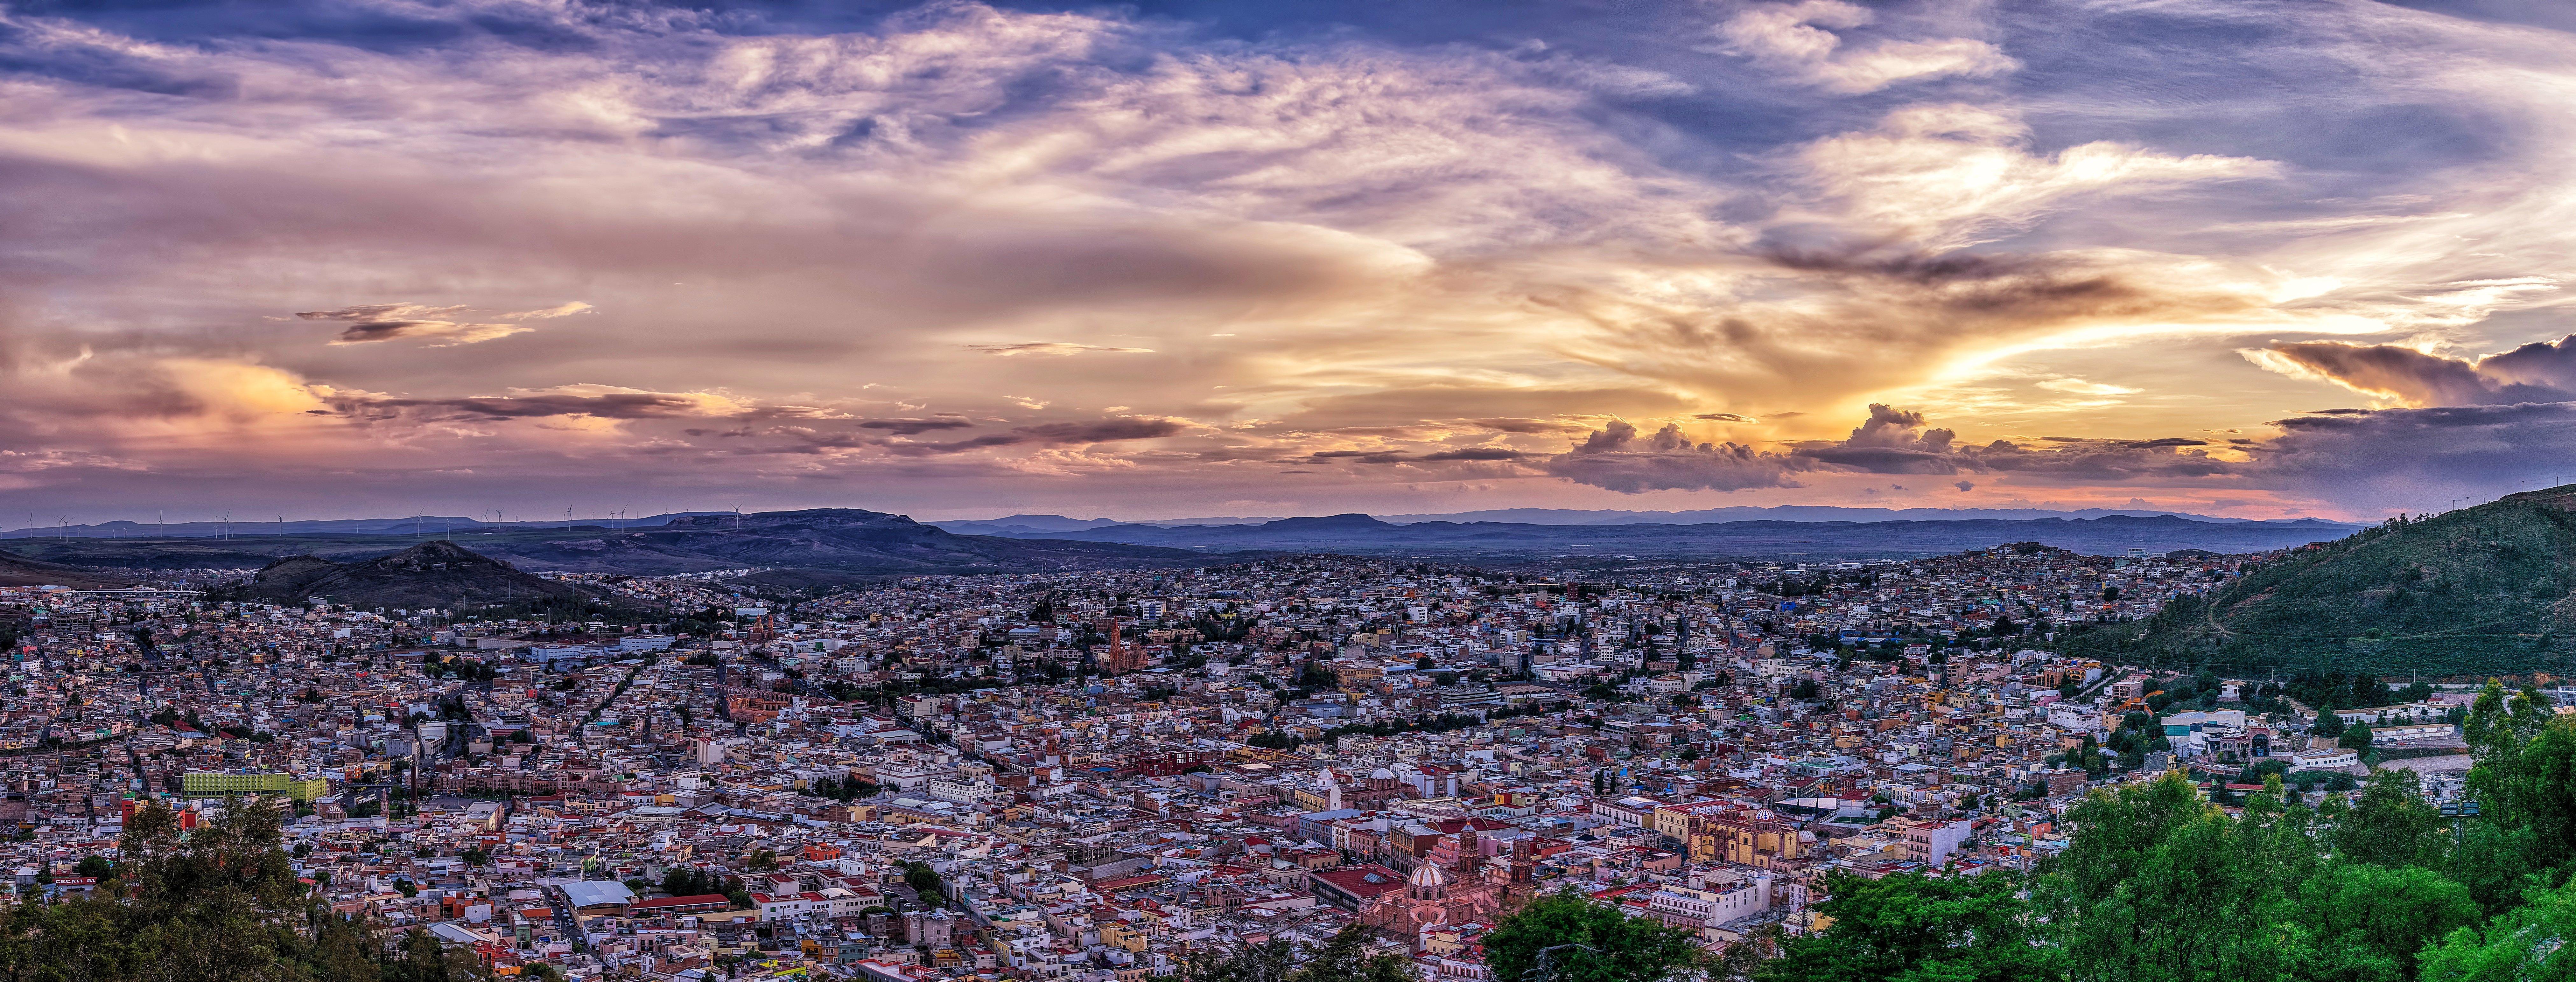 Сакатекас, Мексика, La Bufa, Zacatecas, закат, город, пейзаж, панорама